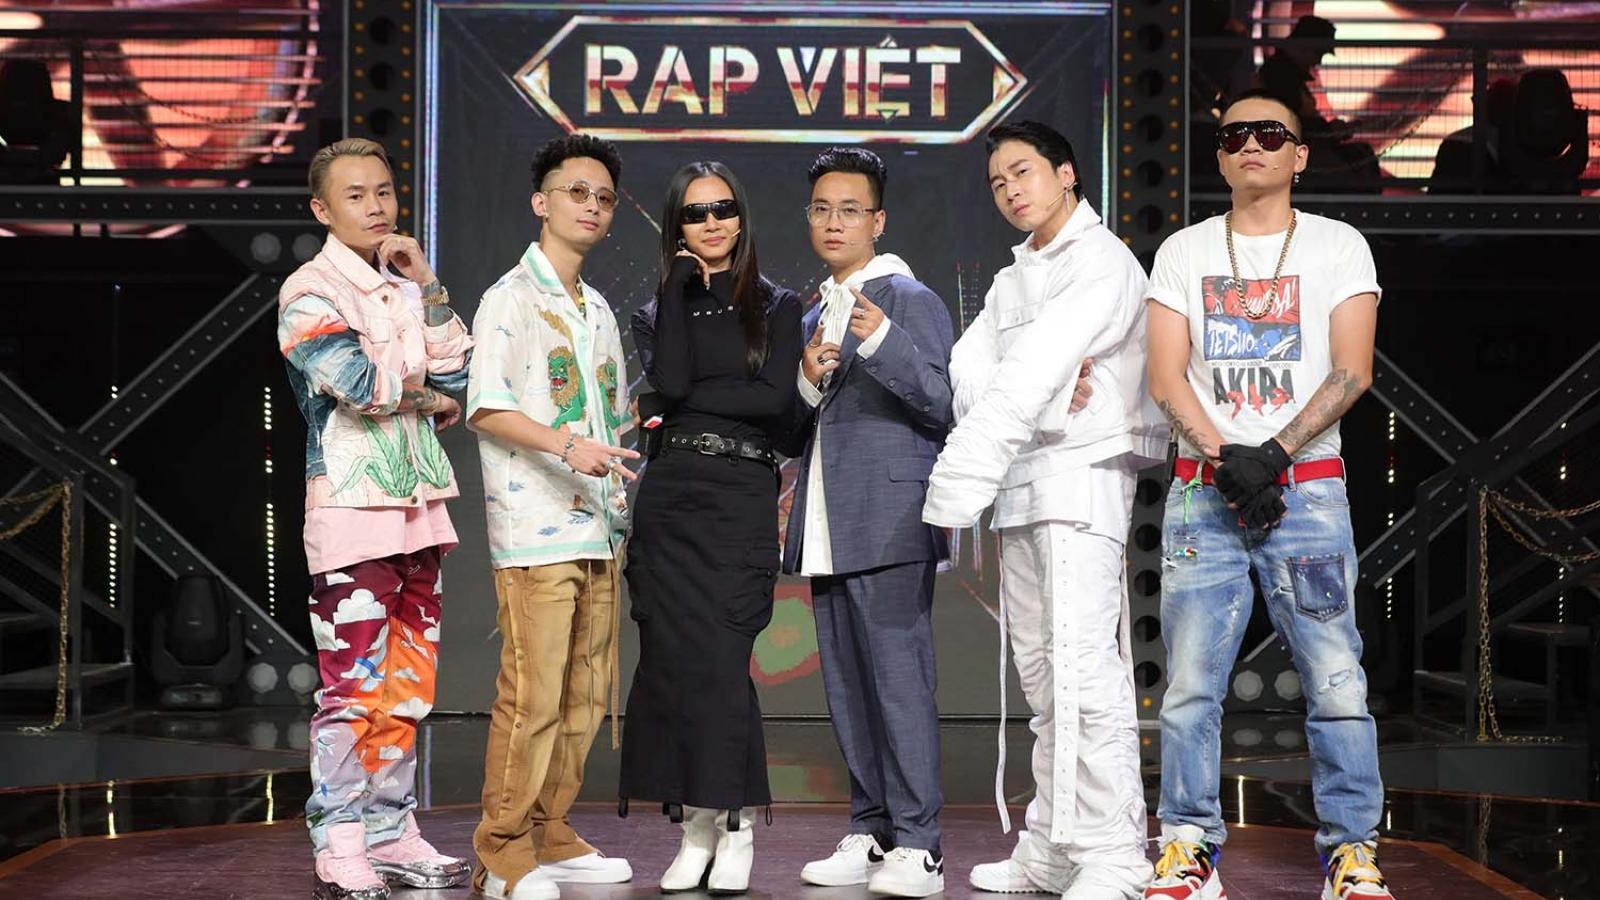 """Justatee, Binz, Suboi choáng ngợp trước dàn thí sinh """"Rap Việt"""""""